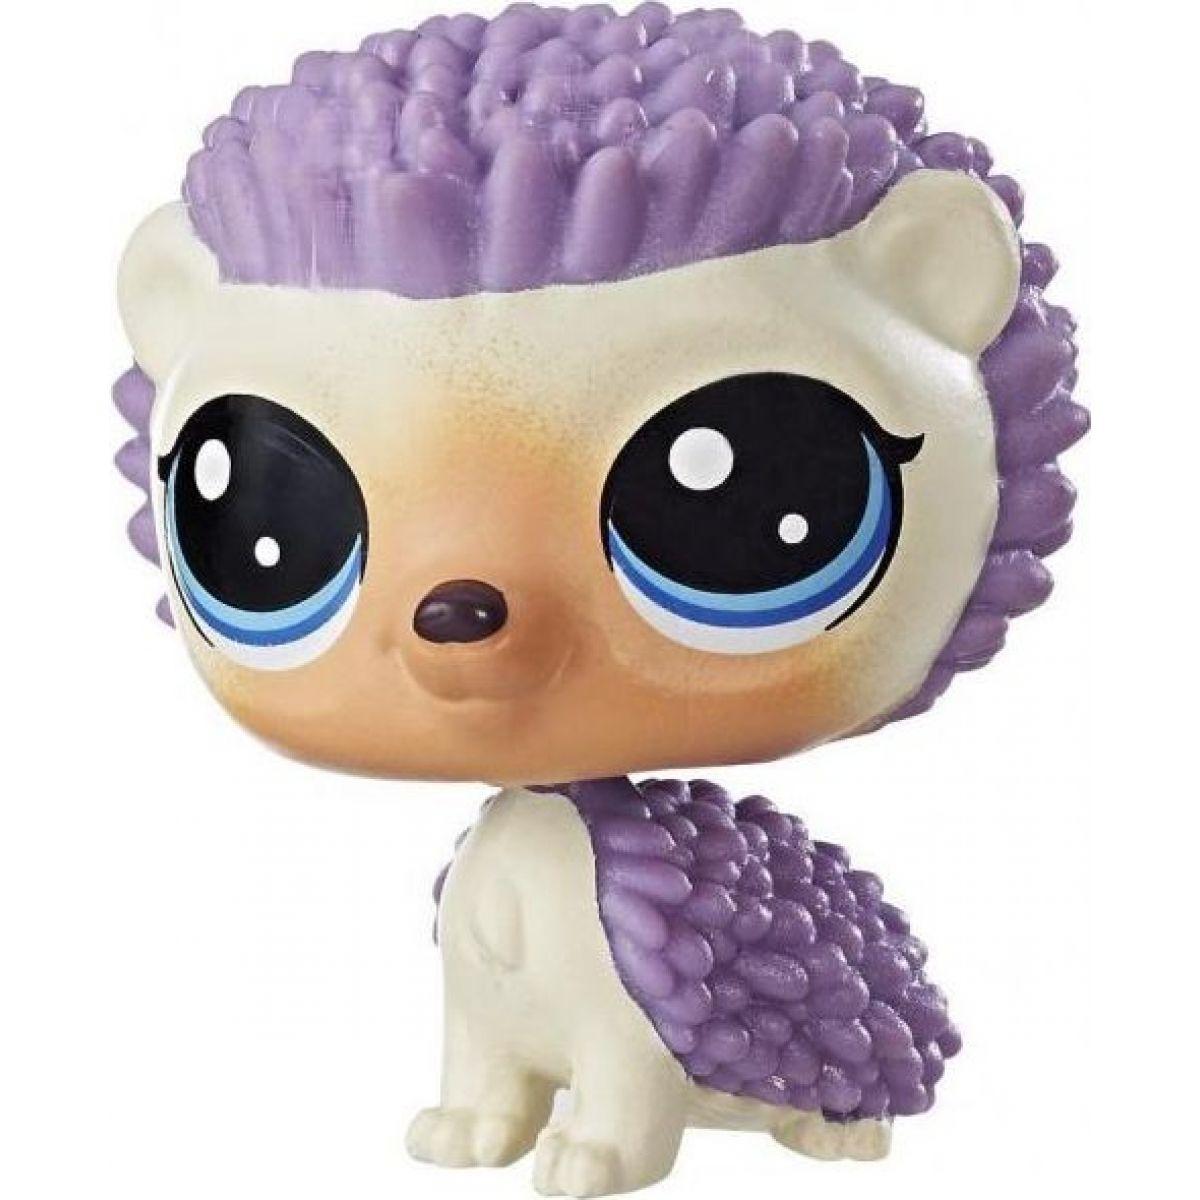 Littlest Pet Shop jednotlivá zvířátka Hedgeley Rocker